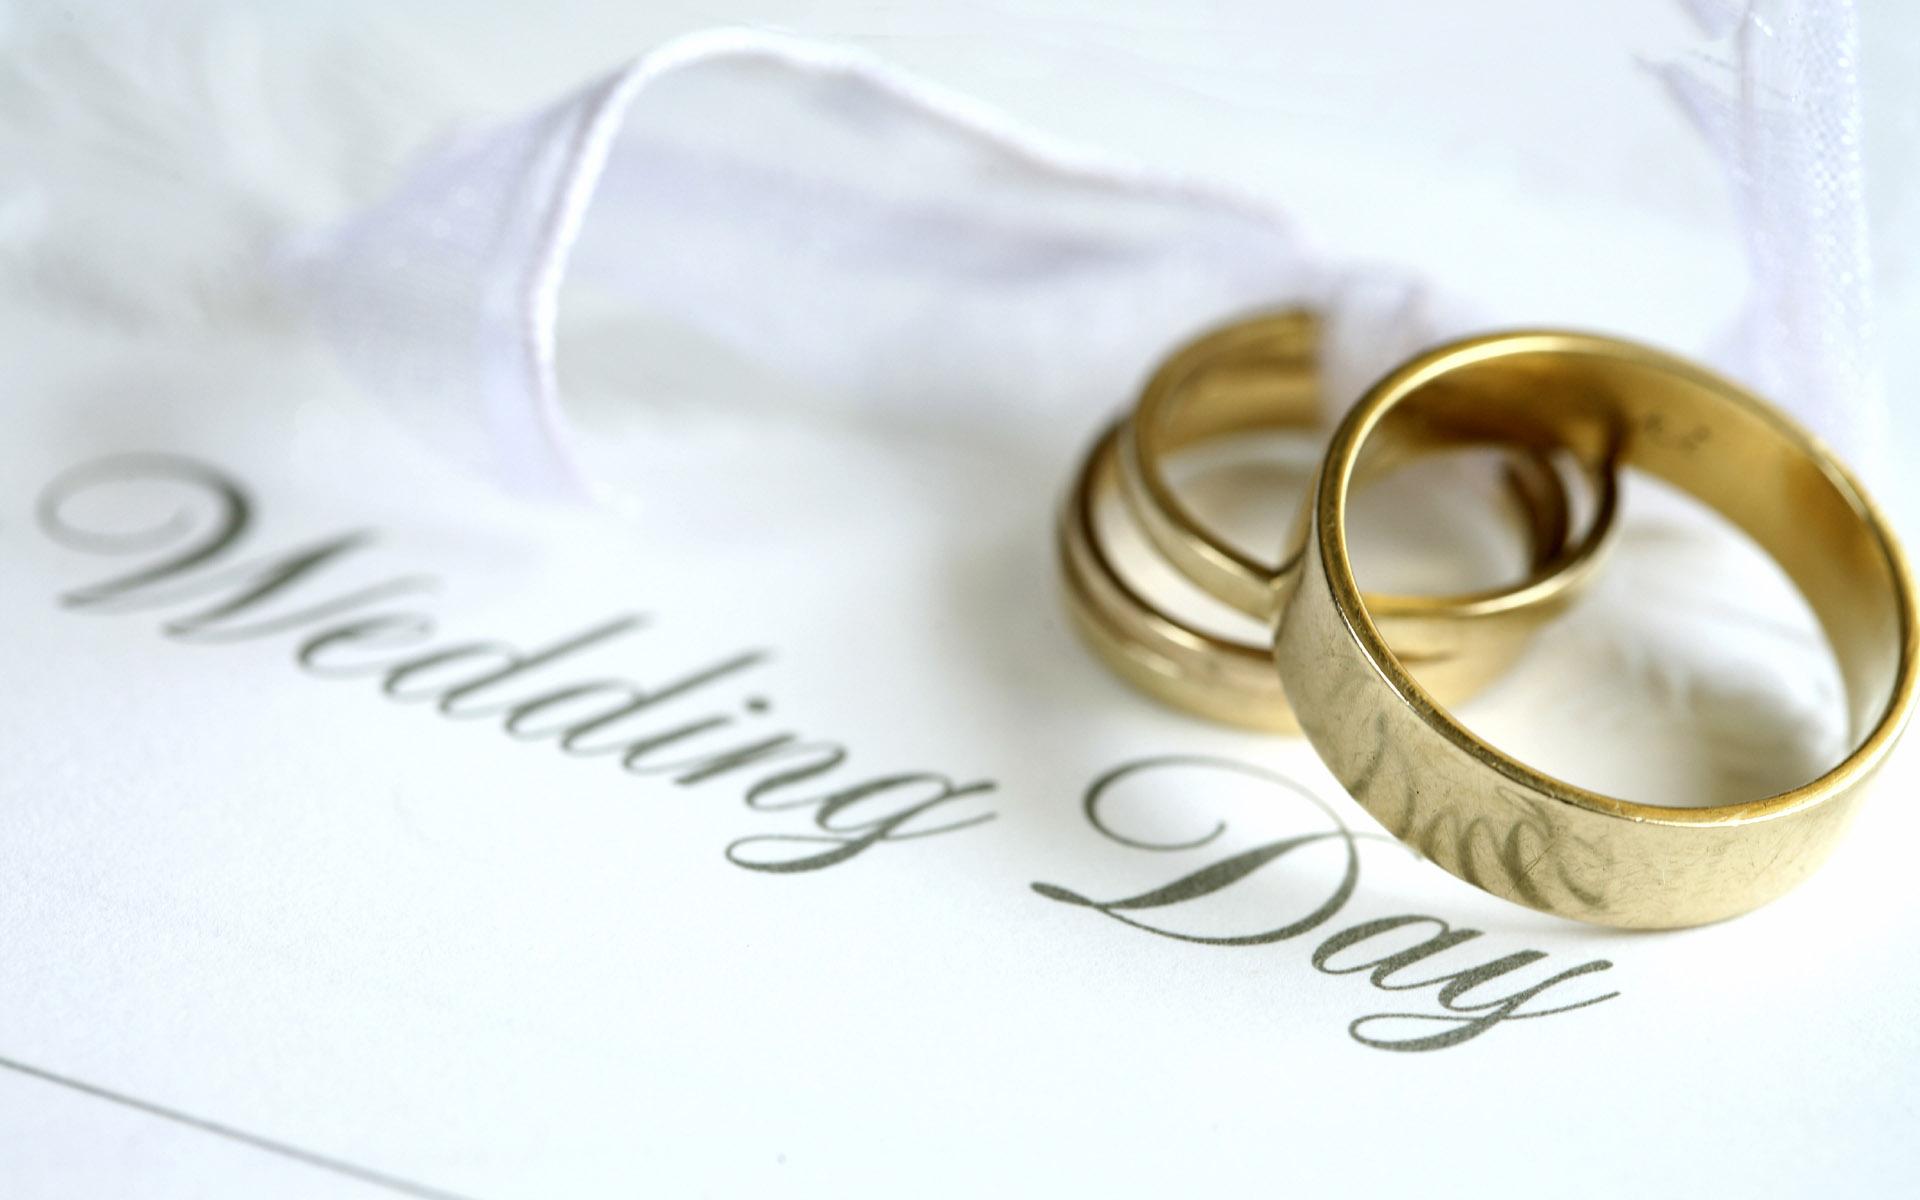 Pastors Handbook Weddings And Funerals No Compromise Radio